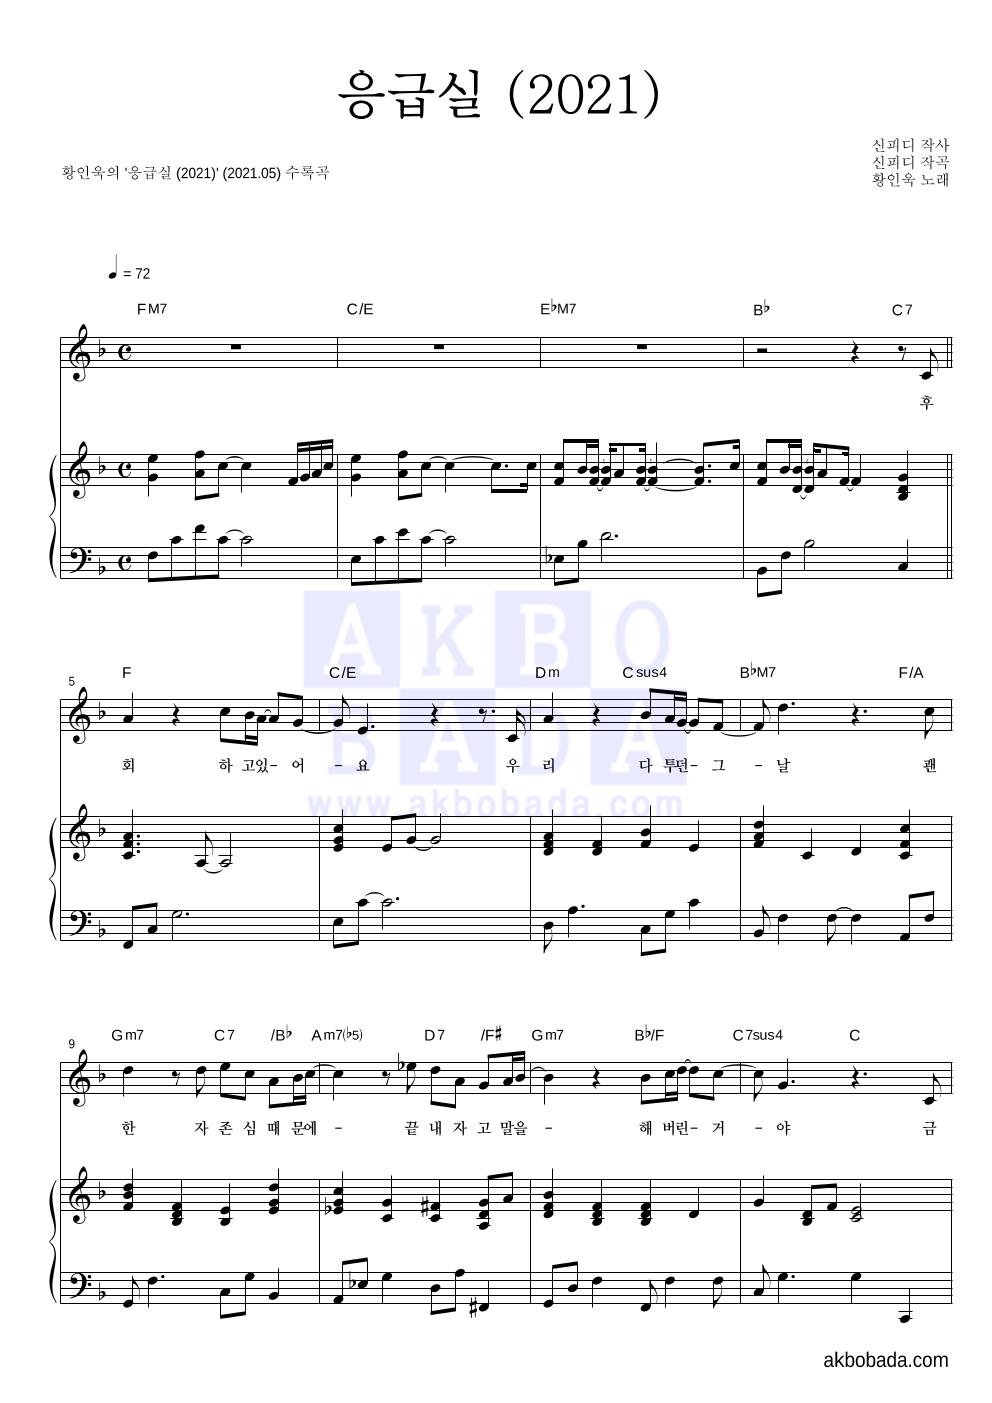 황인욱 - 응급실 (2021) 피아노 3단 악보